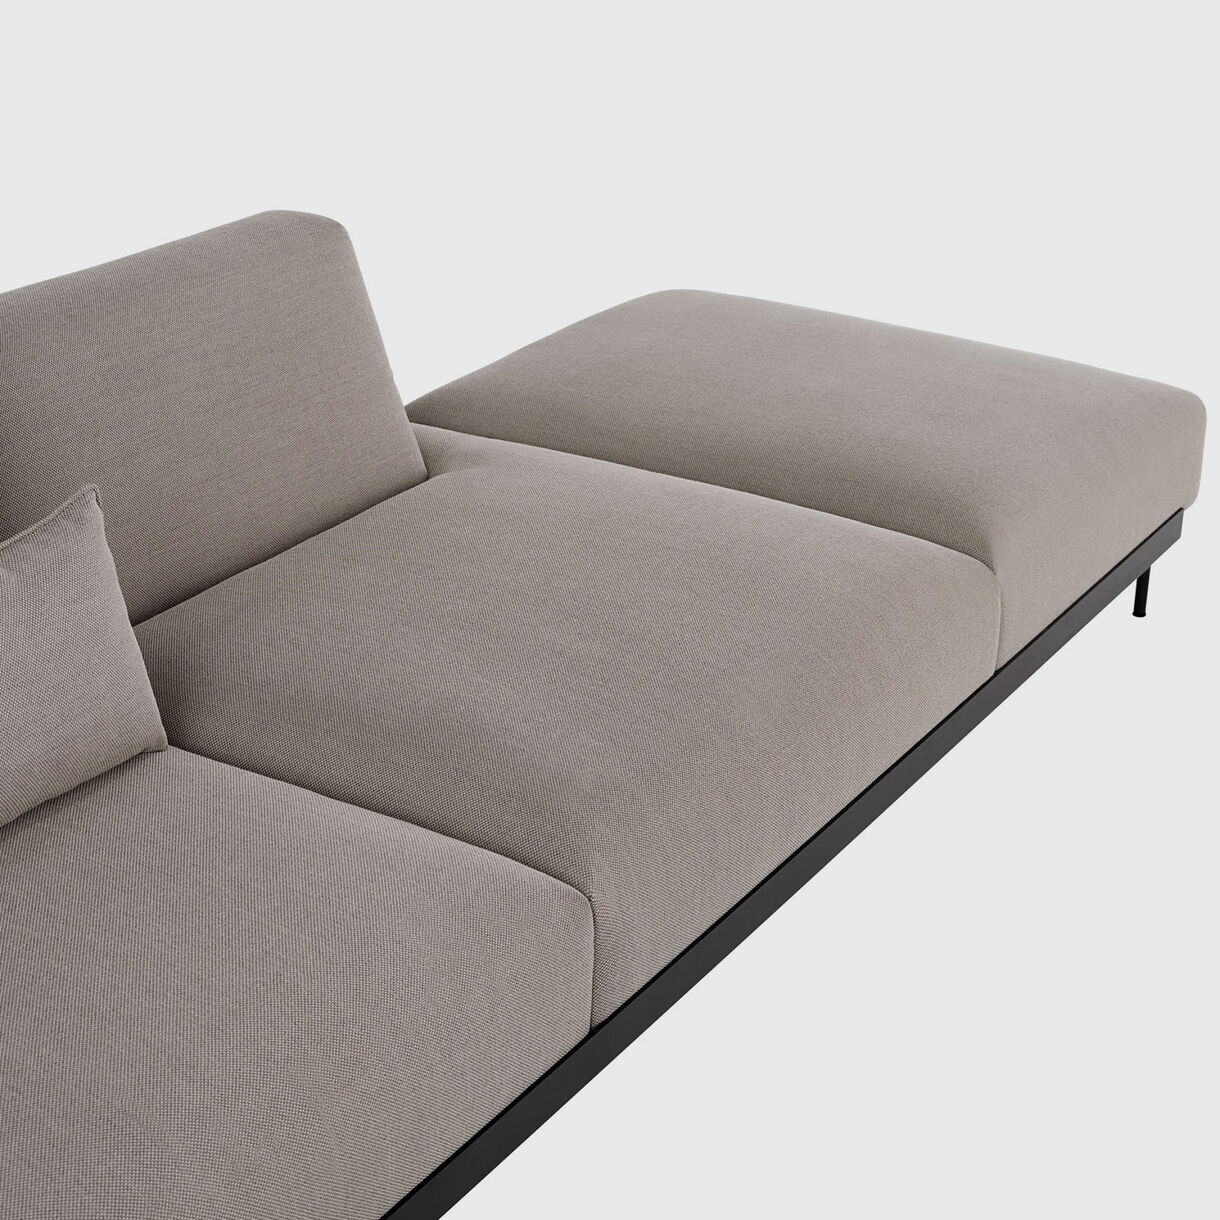 In Situ Modular Sofa, Lifestyle